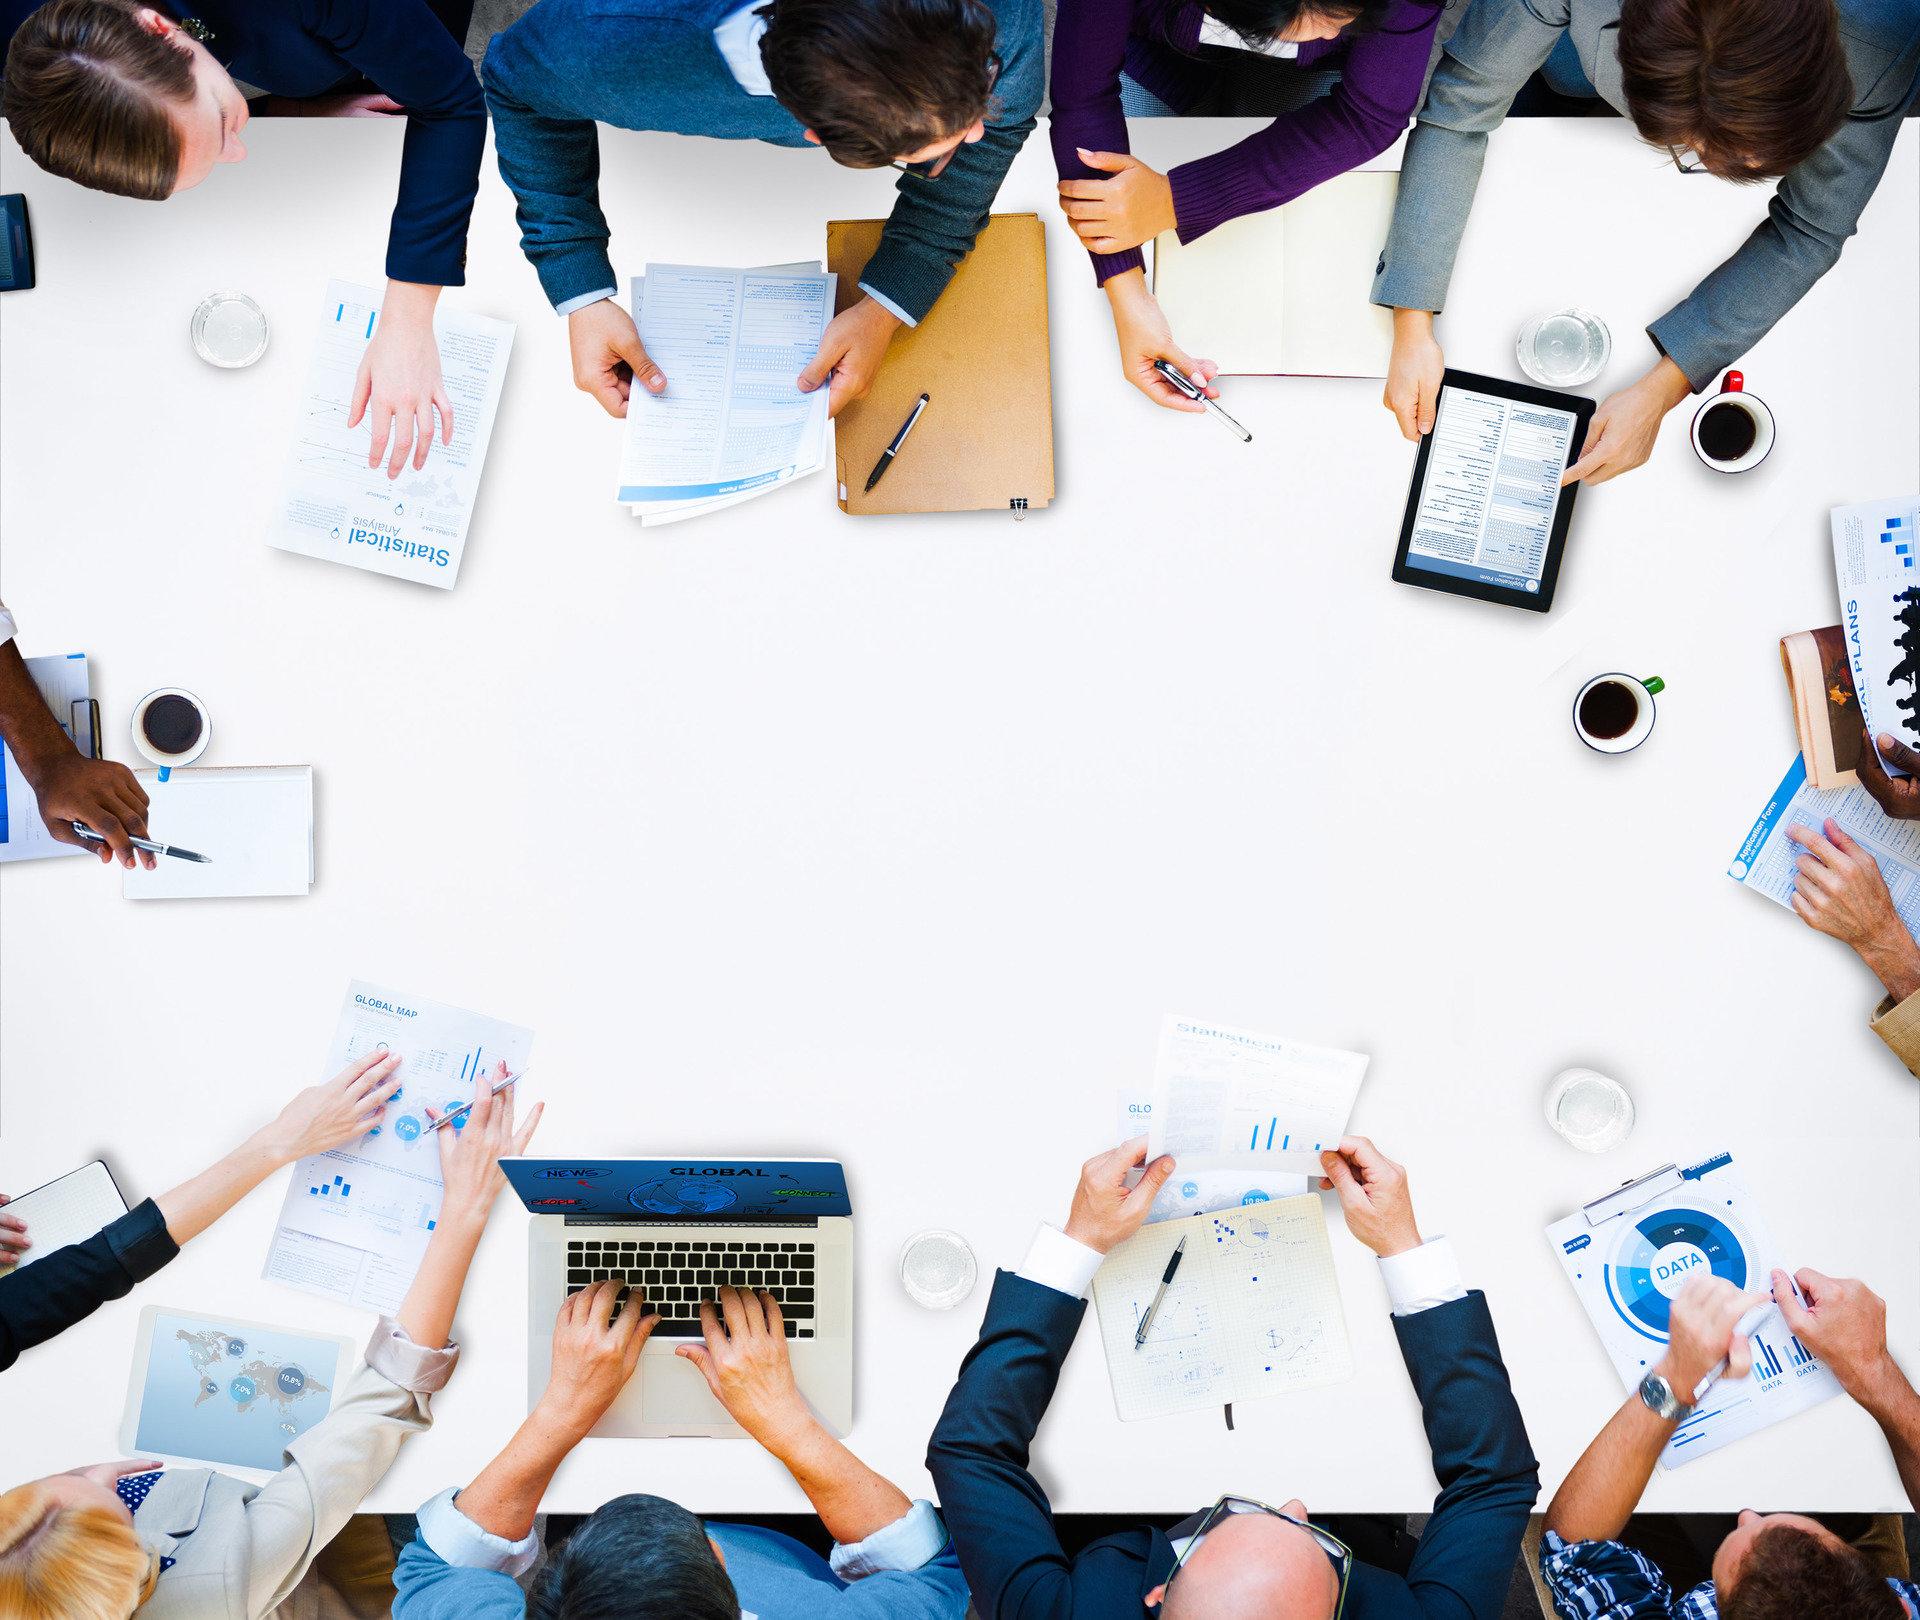 Rynek pracy 2.0. Co wspólnego mają eCommerce i automatyzacja